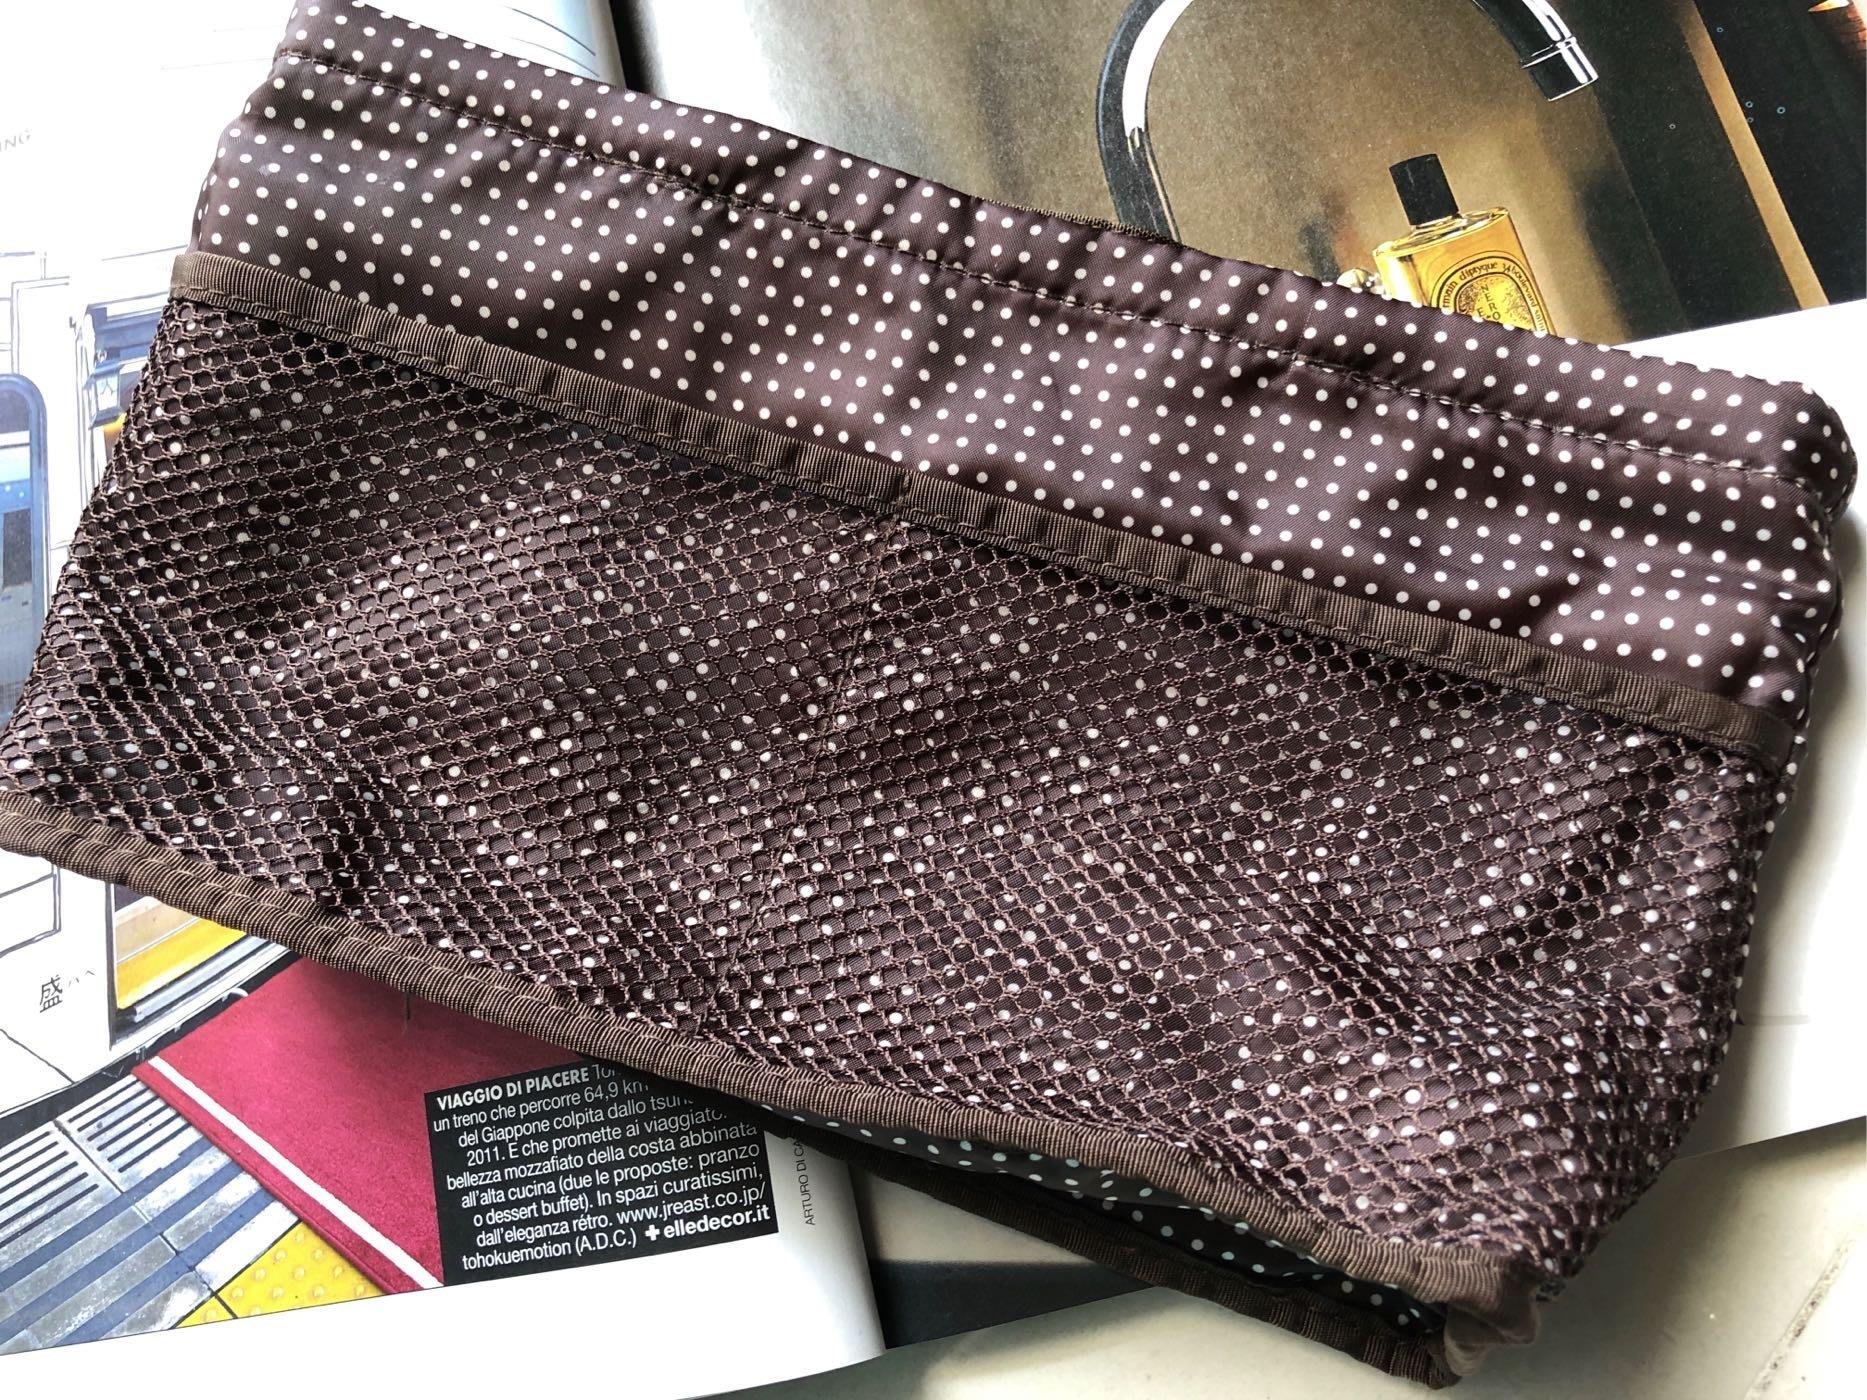 東京攜回「米日它麻」咖啡色點點袋中袋,包中包,分類包,保持袋中空間整齊,方便取物,寬26/高15/底部展延寬6.5